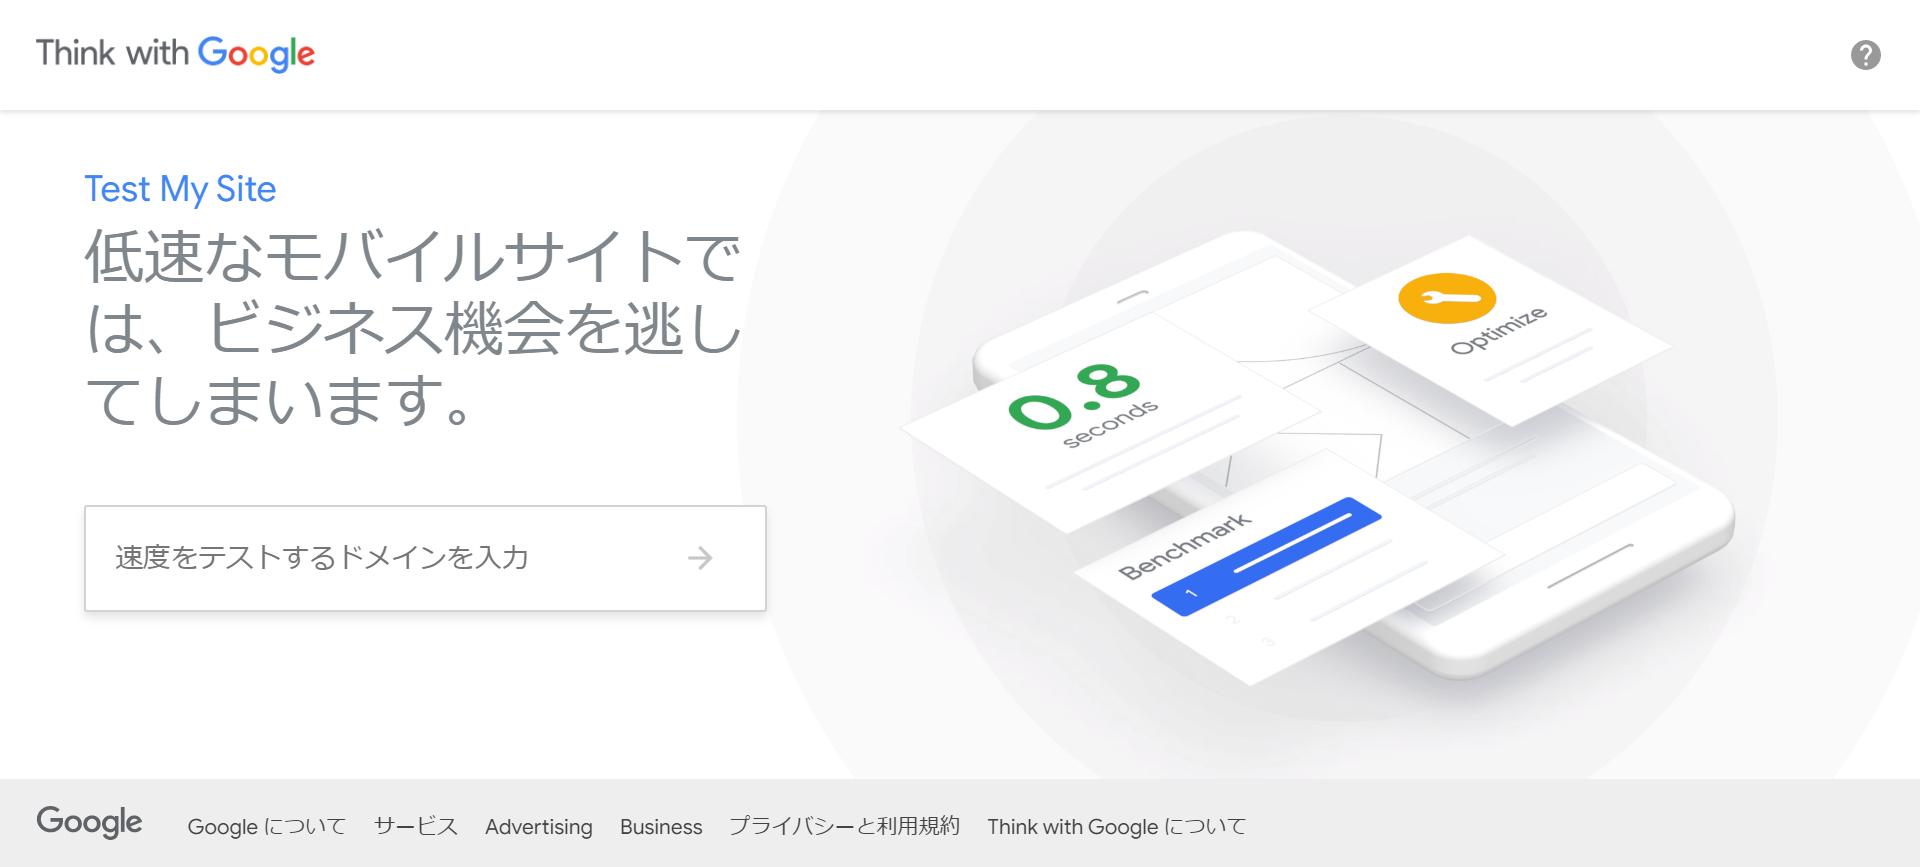 Test My Siteのトップ画面